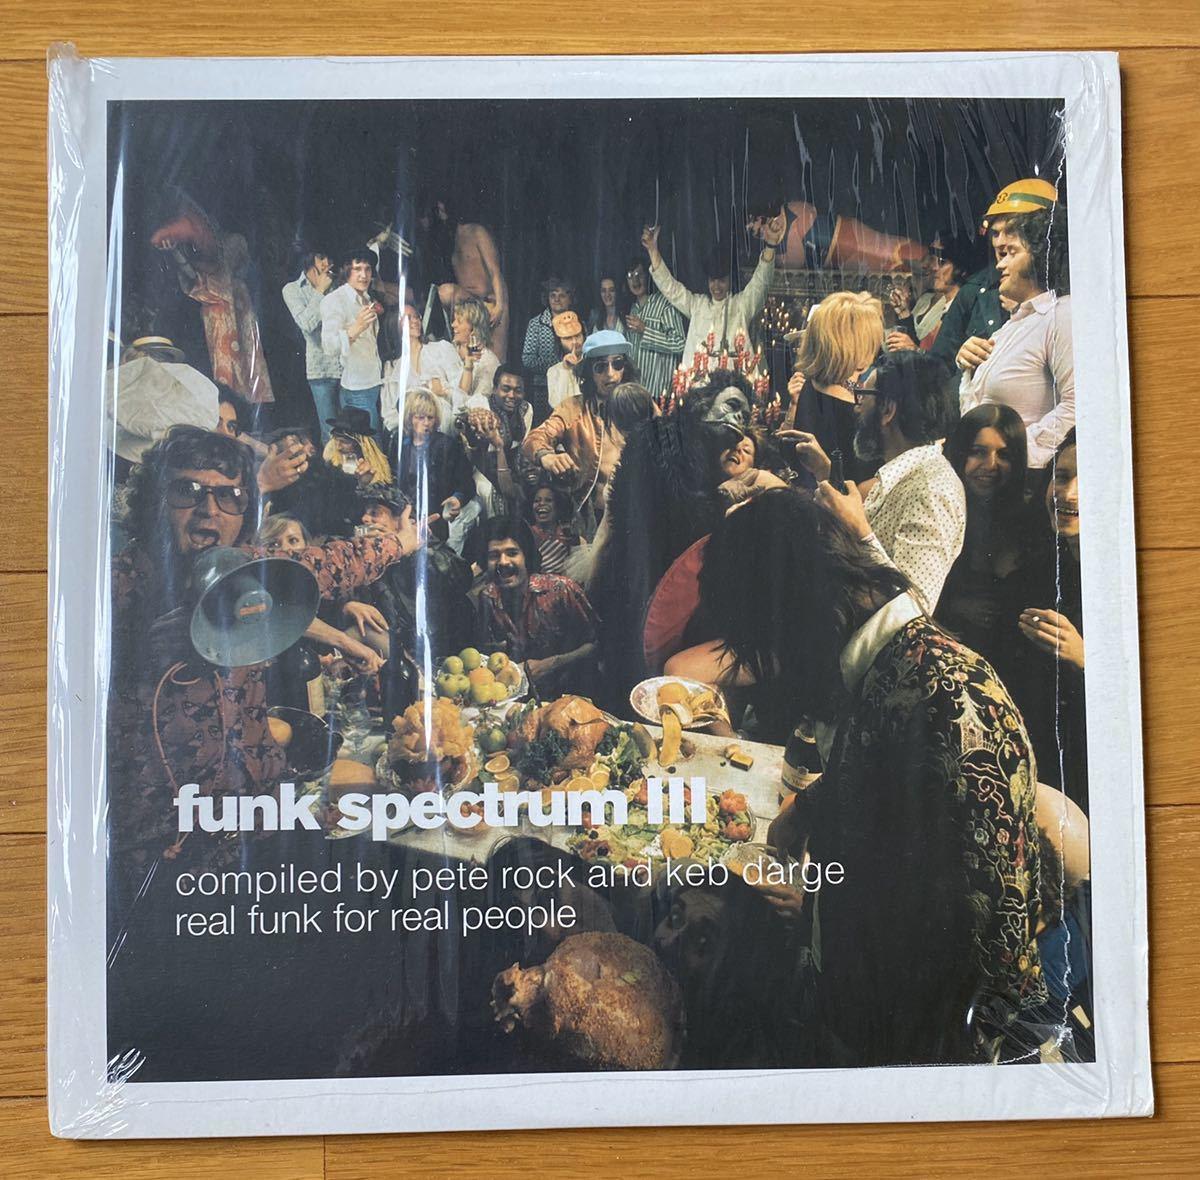 Funk Spectrum III Compiled By Pete Rock & Keb Darge B.B. King Bettye Lavette Onyx Jimmy Lane Soulsistics Soul Swingers Momie-O